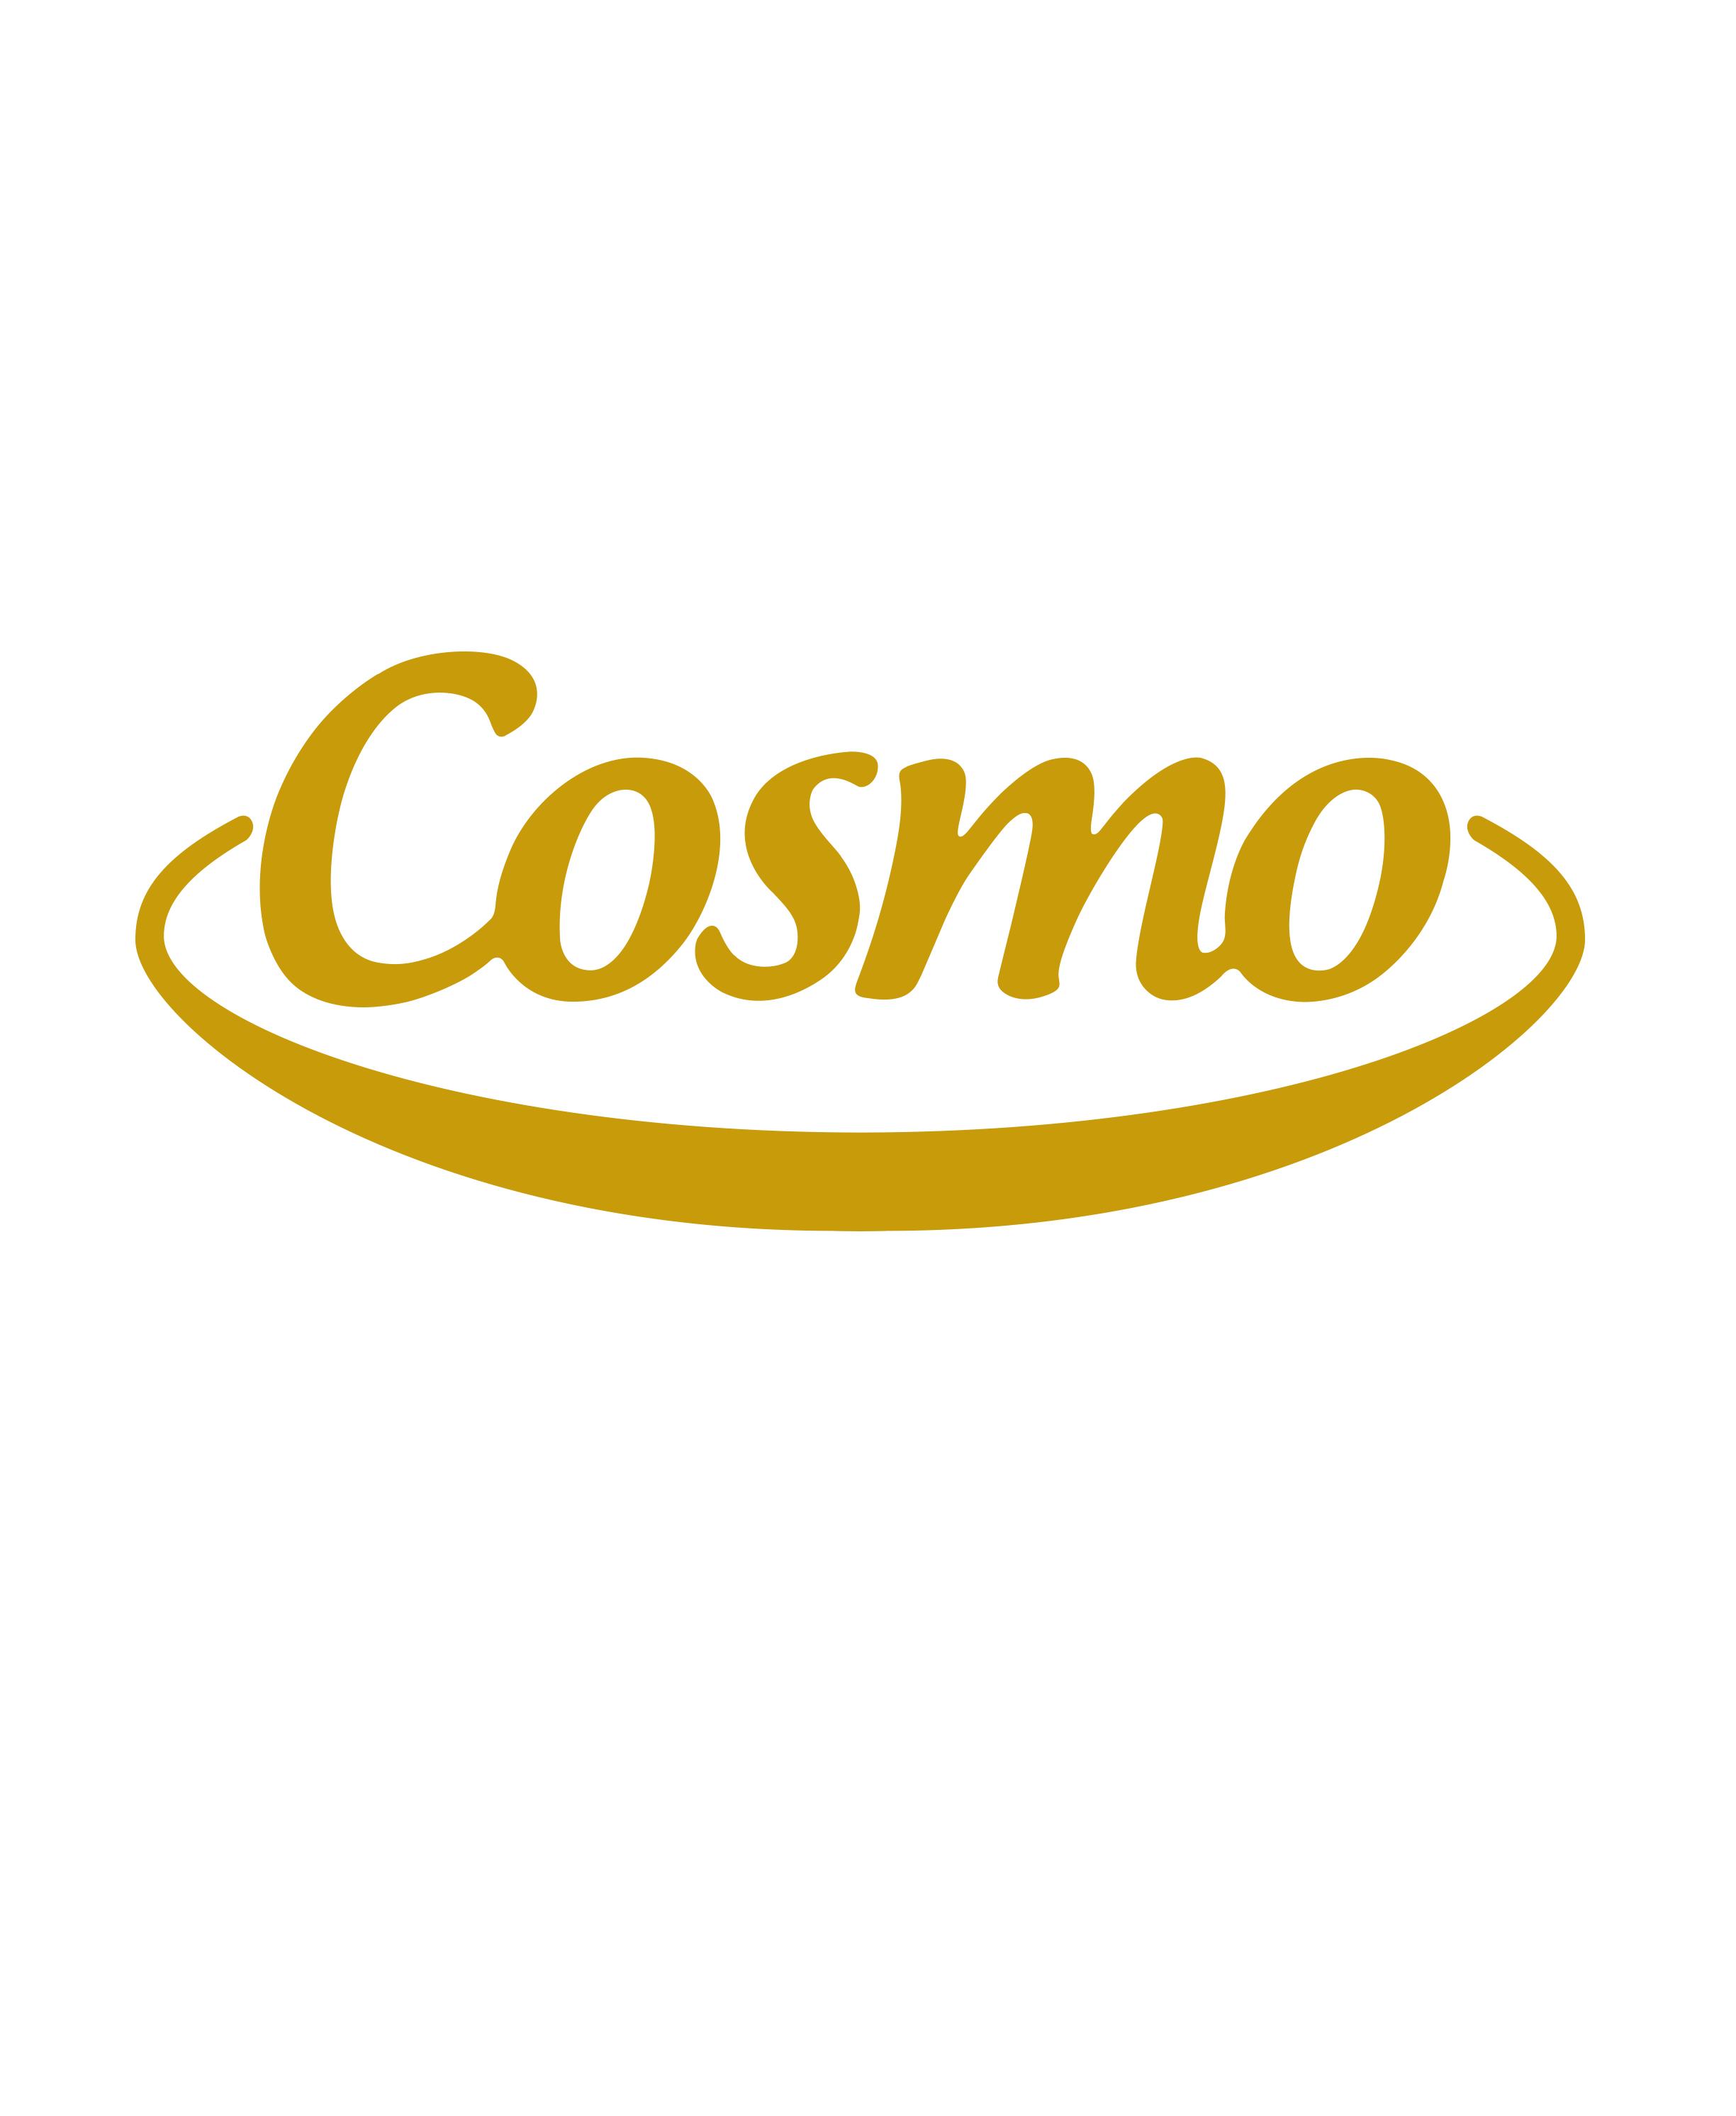 コスモ食品研究株式会社 (食品メーカー新商品開発)